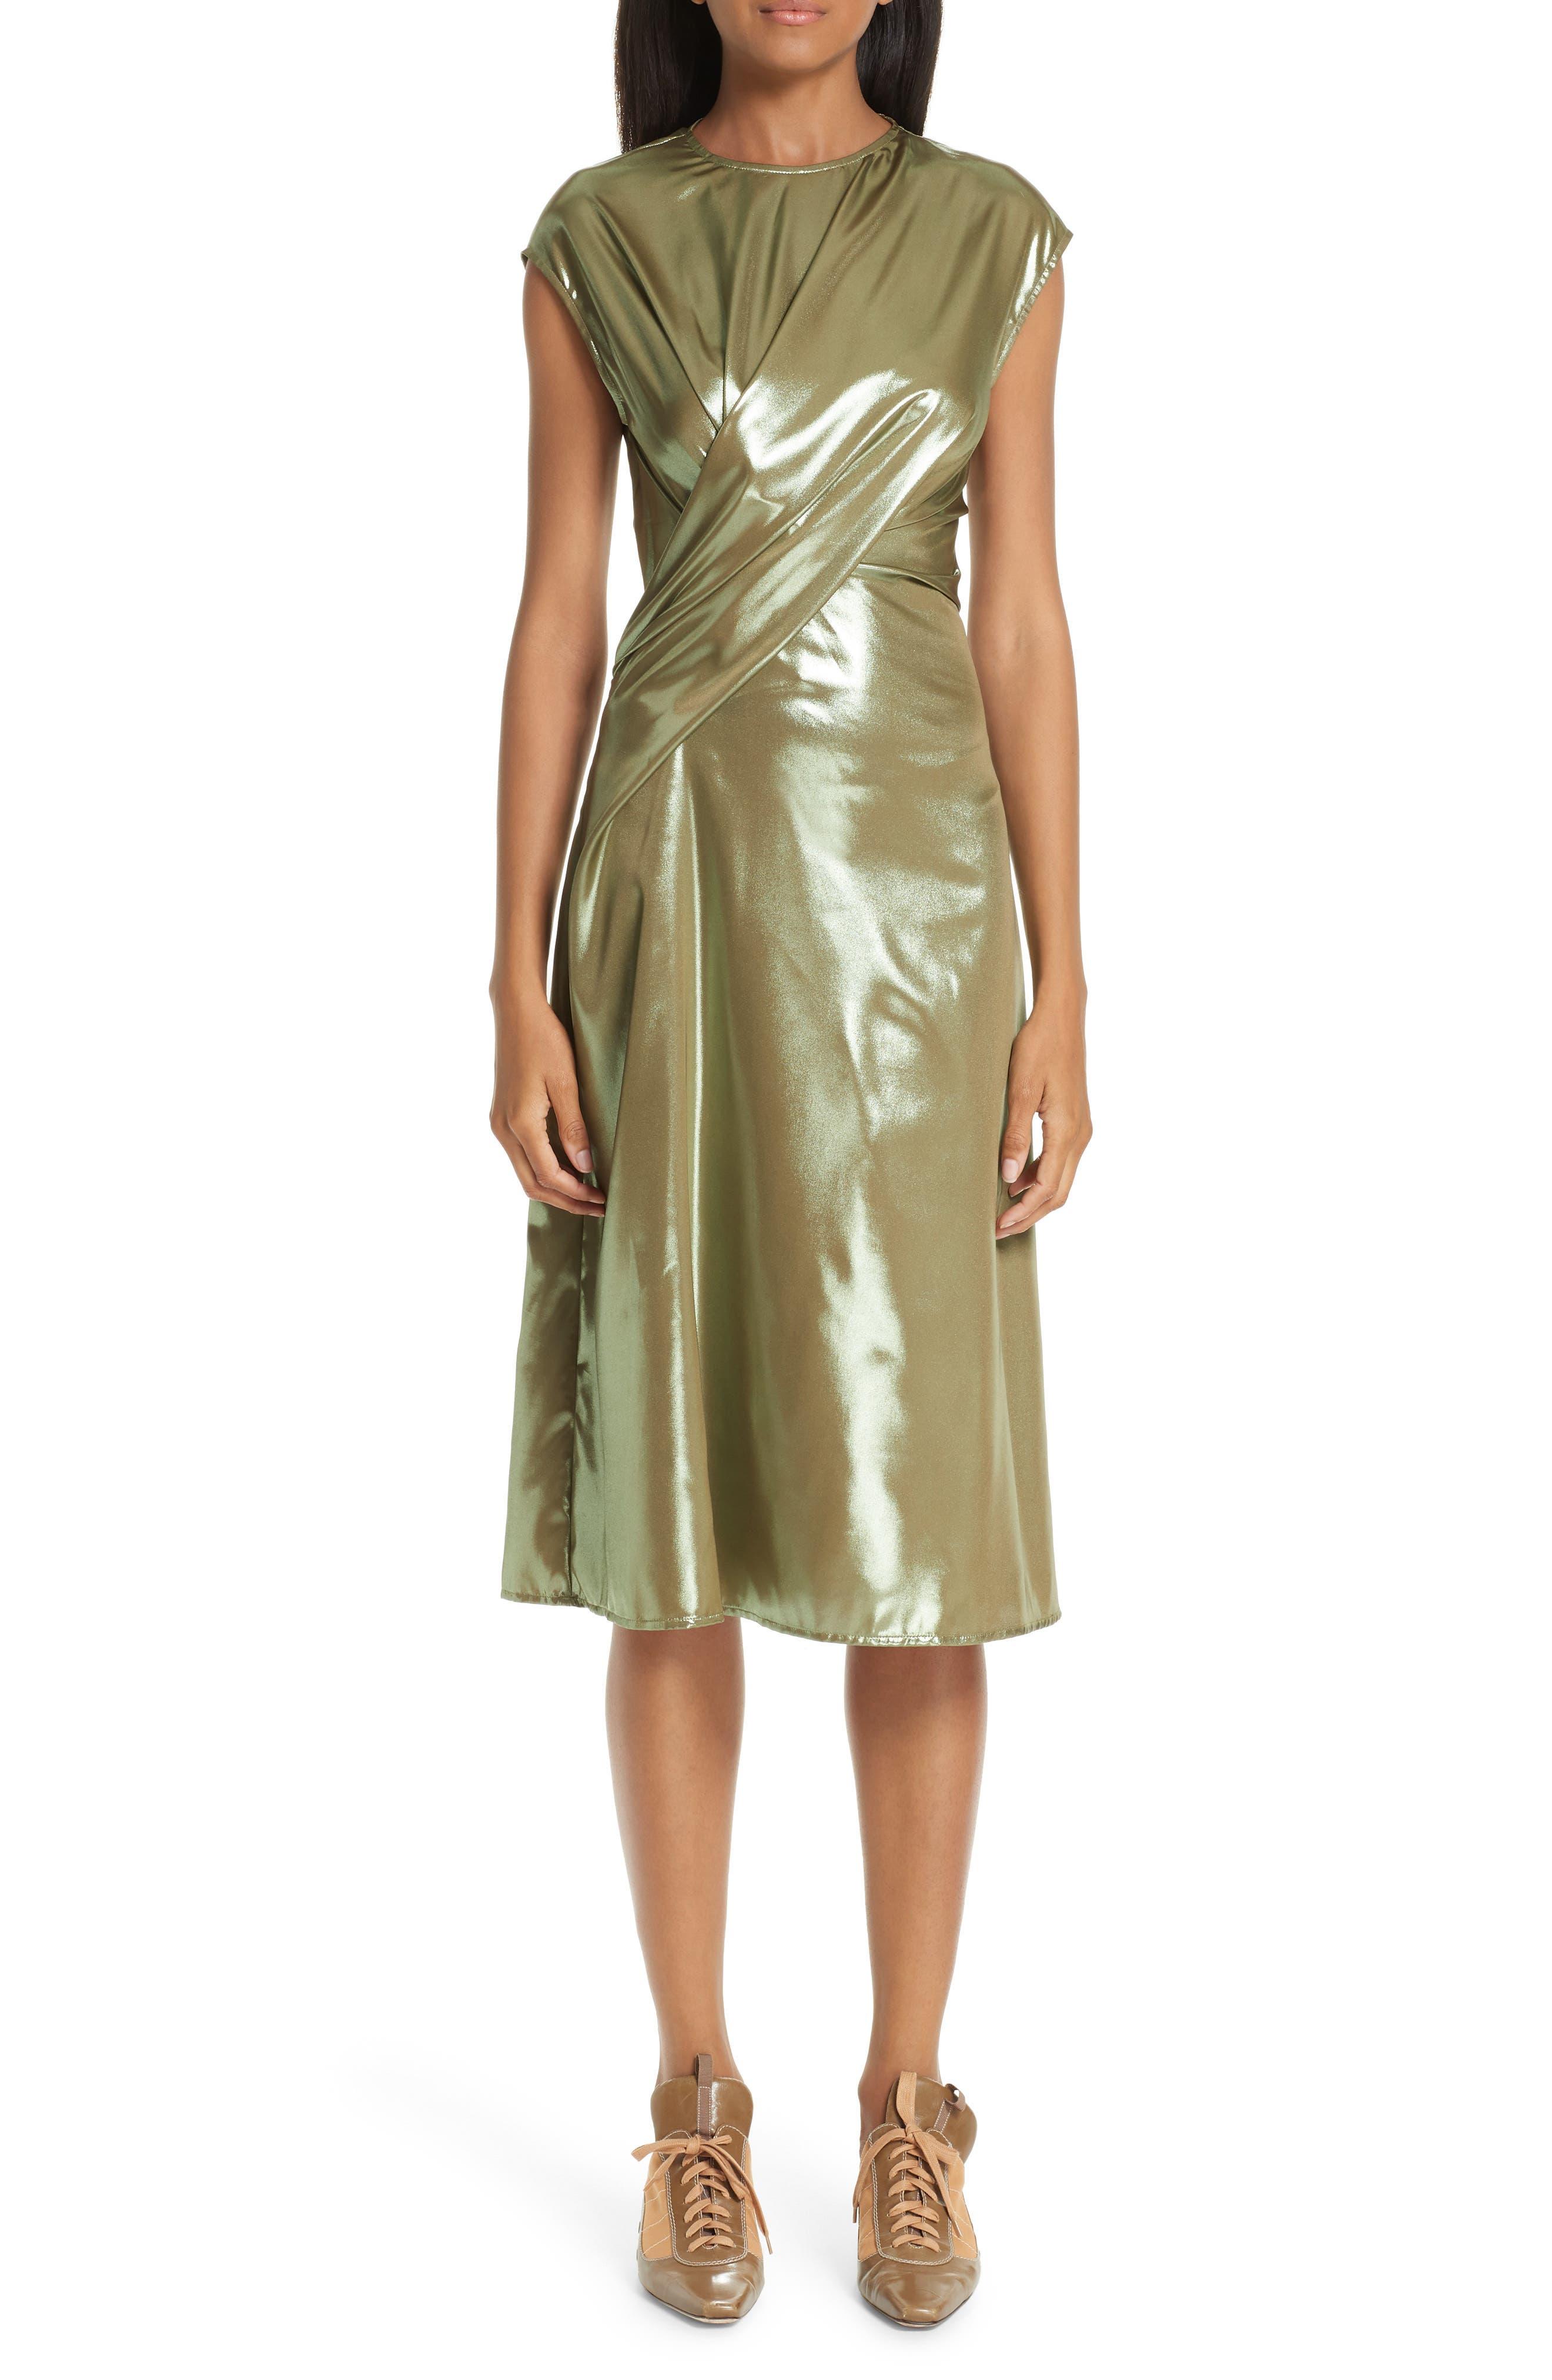 Sies Marjan Edie Laminated Midi Dress